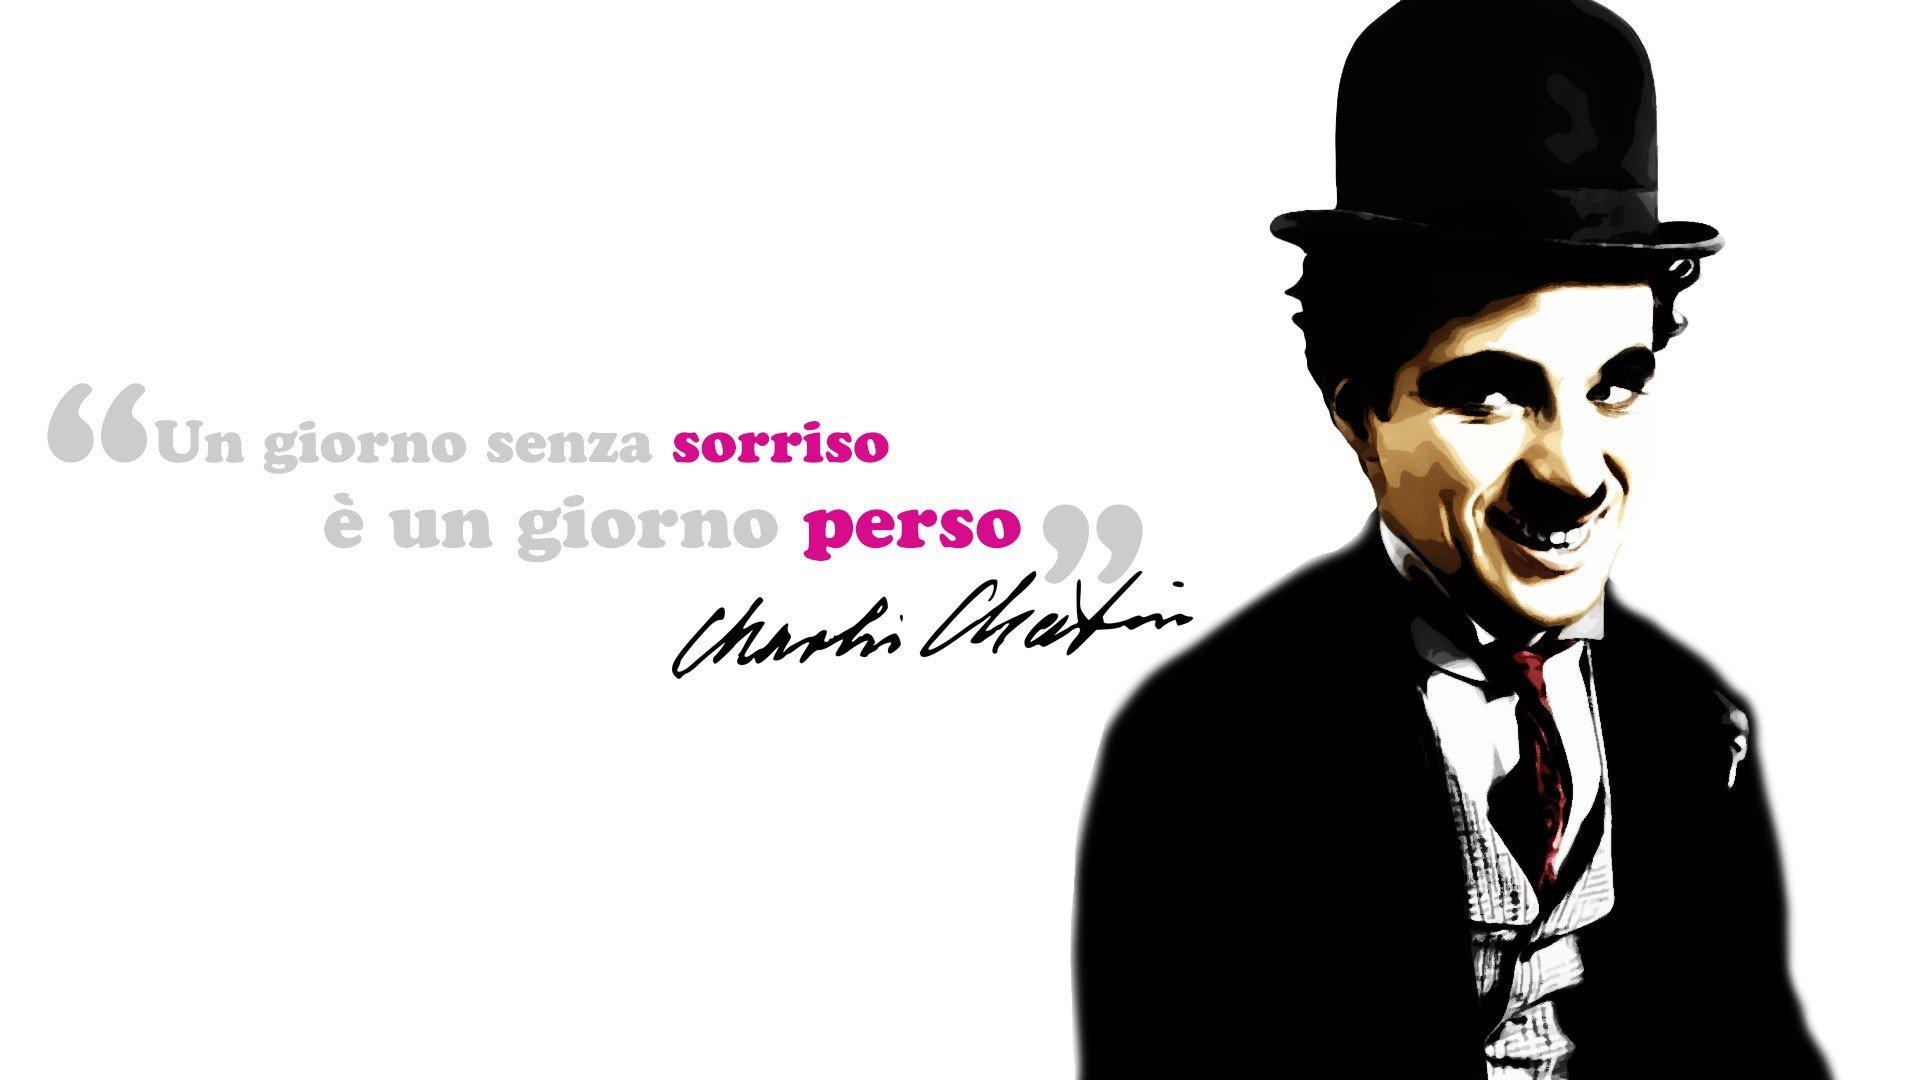 Charlie Chaplin Wallpaper 14   1920 X 1080 stmednet 1920x1080